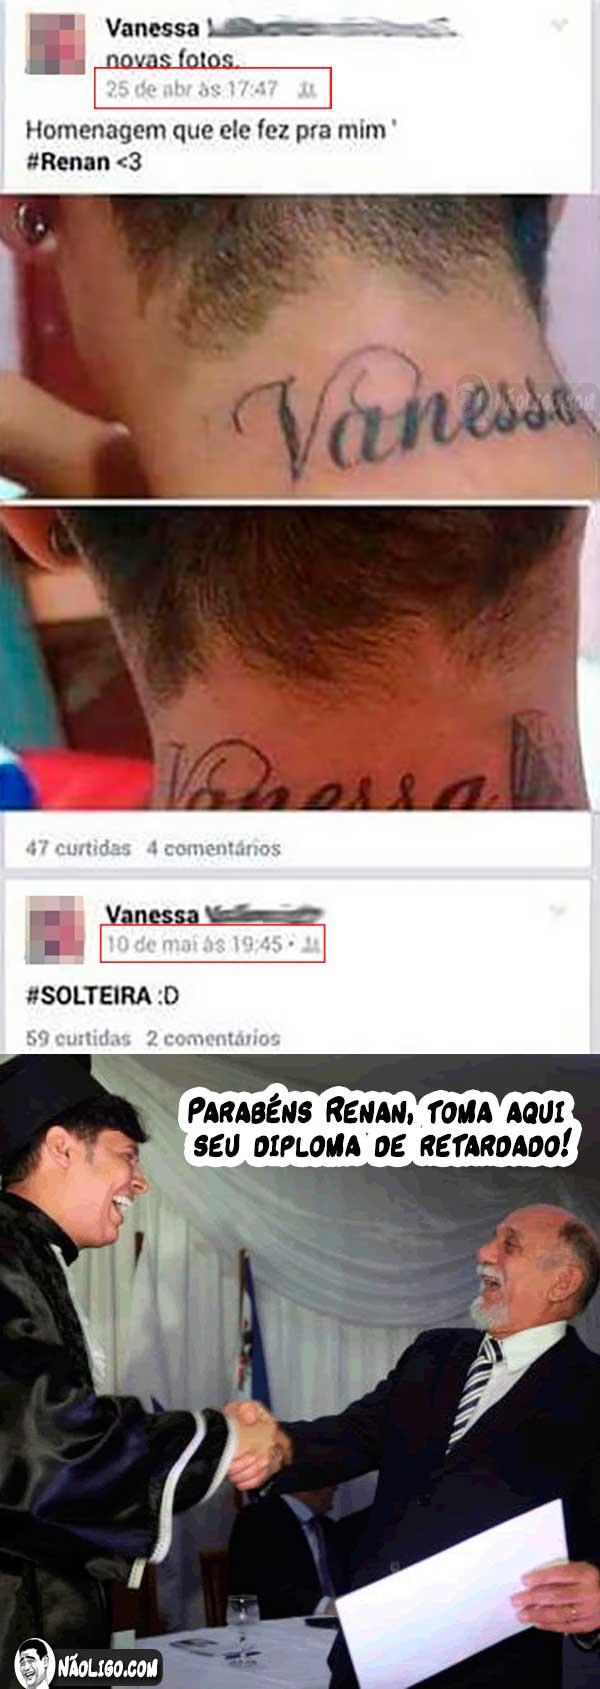 Esse escolheu a mulher errada para homenagear com uma tatuagem…